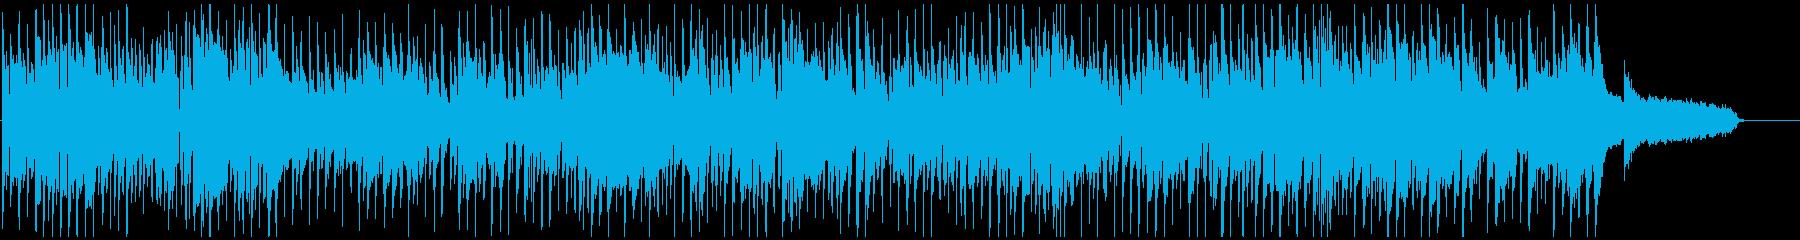 ノリノリなサックス生演奏のクラブジャズの再生済みの波形